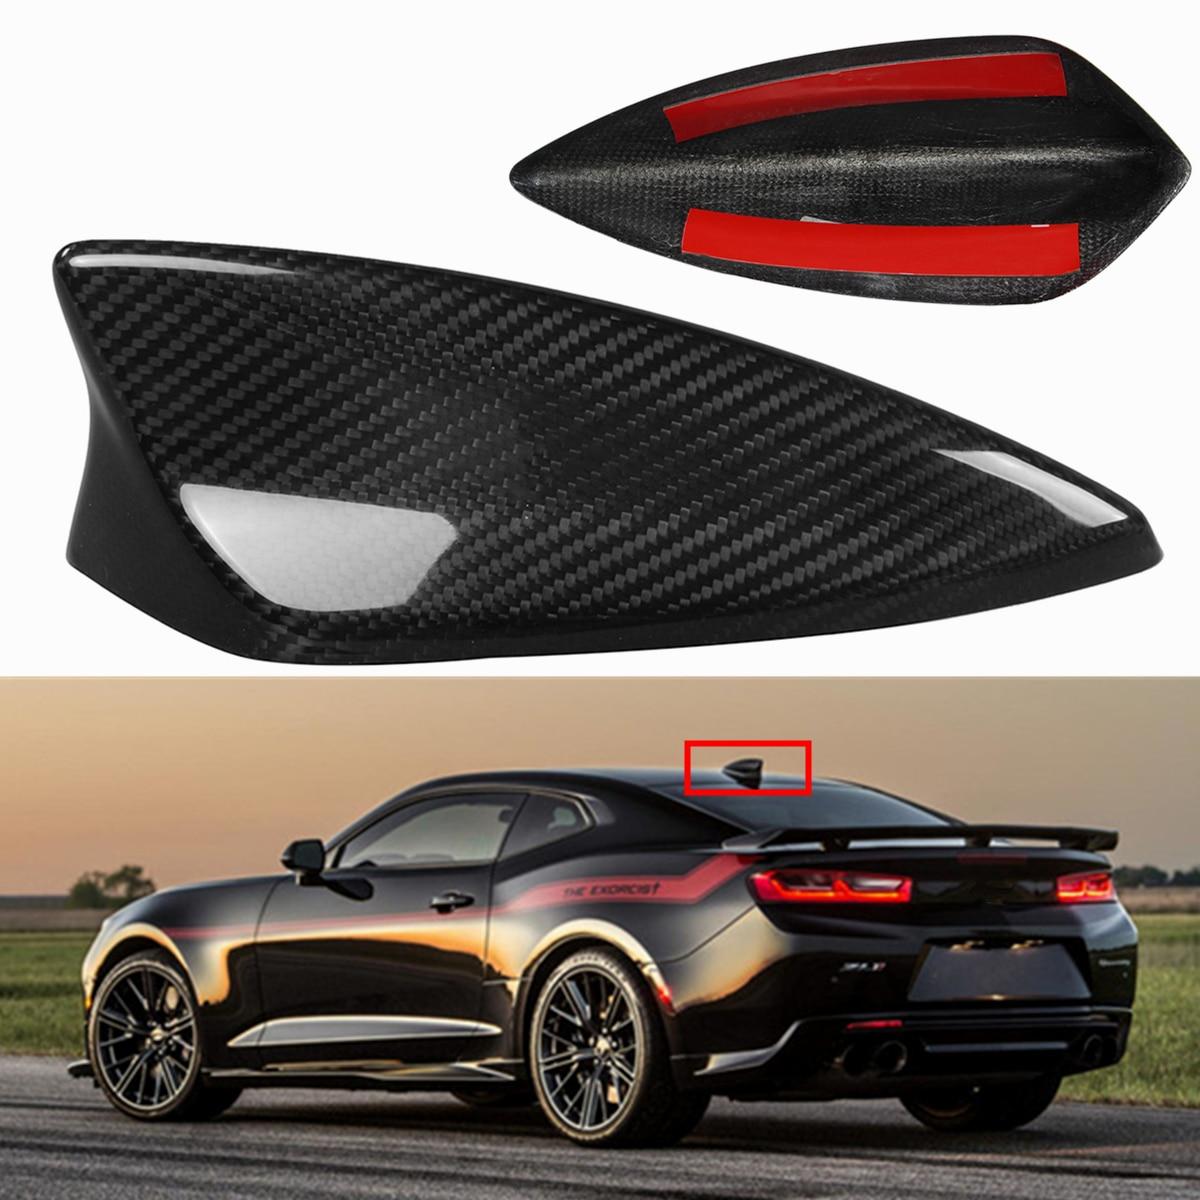 Réel de Fiber De Carbone De Voiture Toit Antenne Antennes Aileron de Requin Style Antenne Couverture Radio Garniture Noir pour Chevrolet Camaro 2017- 2018